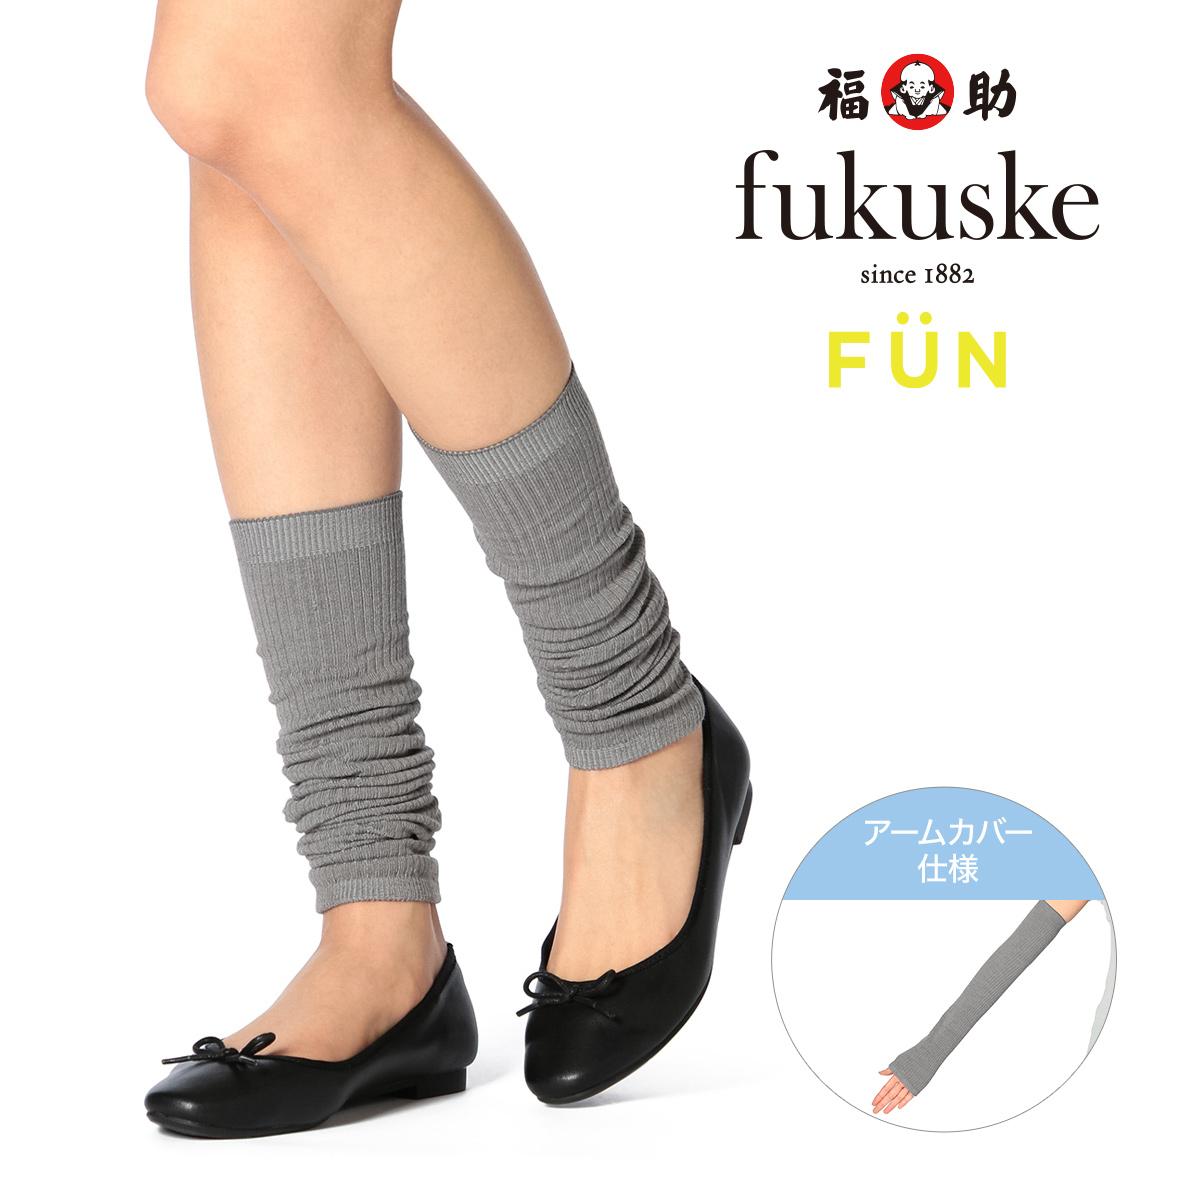 レディース fukuske FUN ひんやり 50cm丈 3WAY レギンス